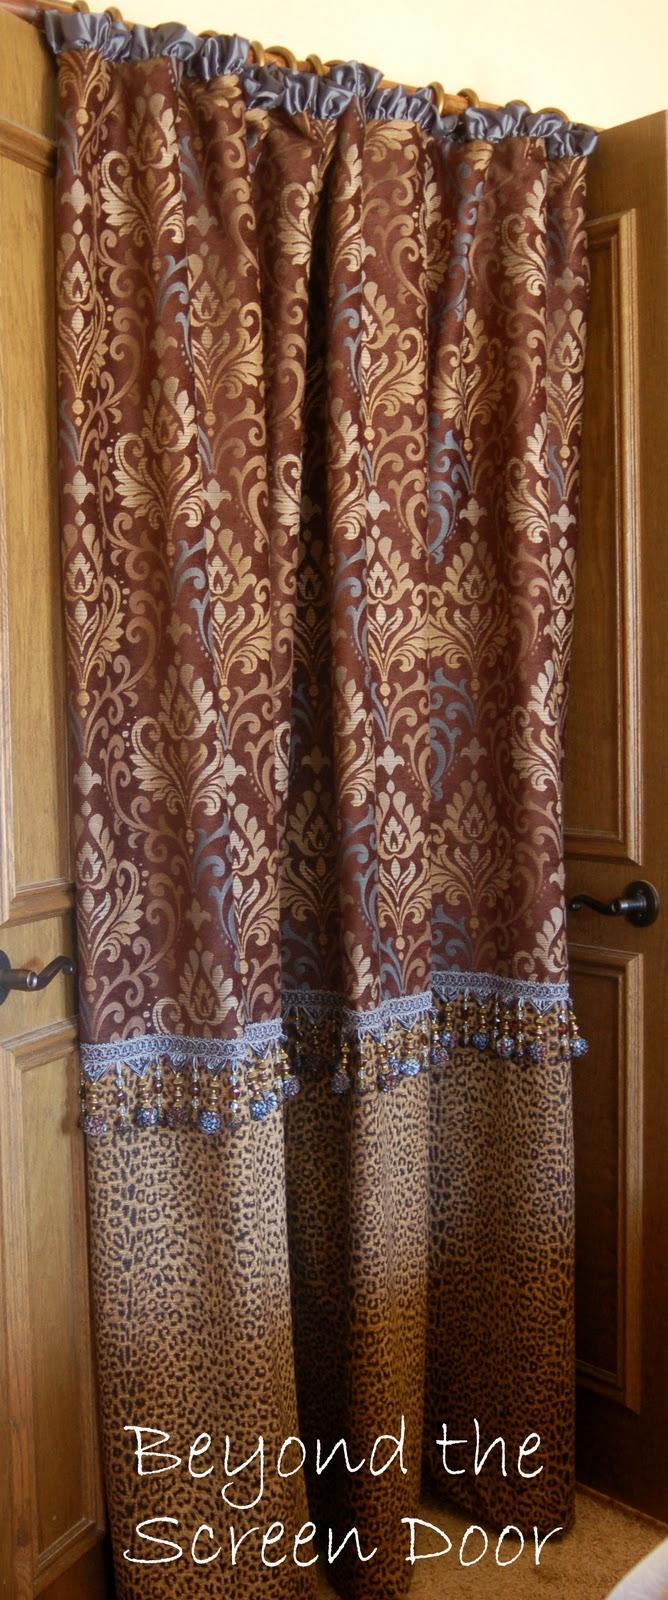 A Custom Shower Curtain For Robin